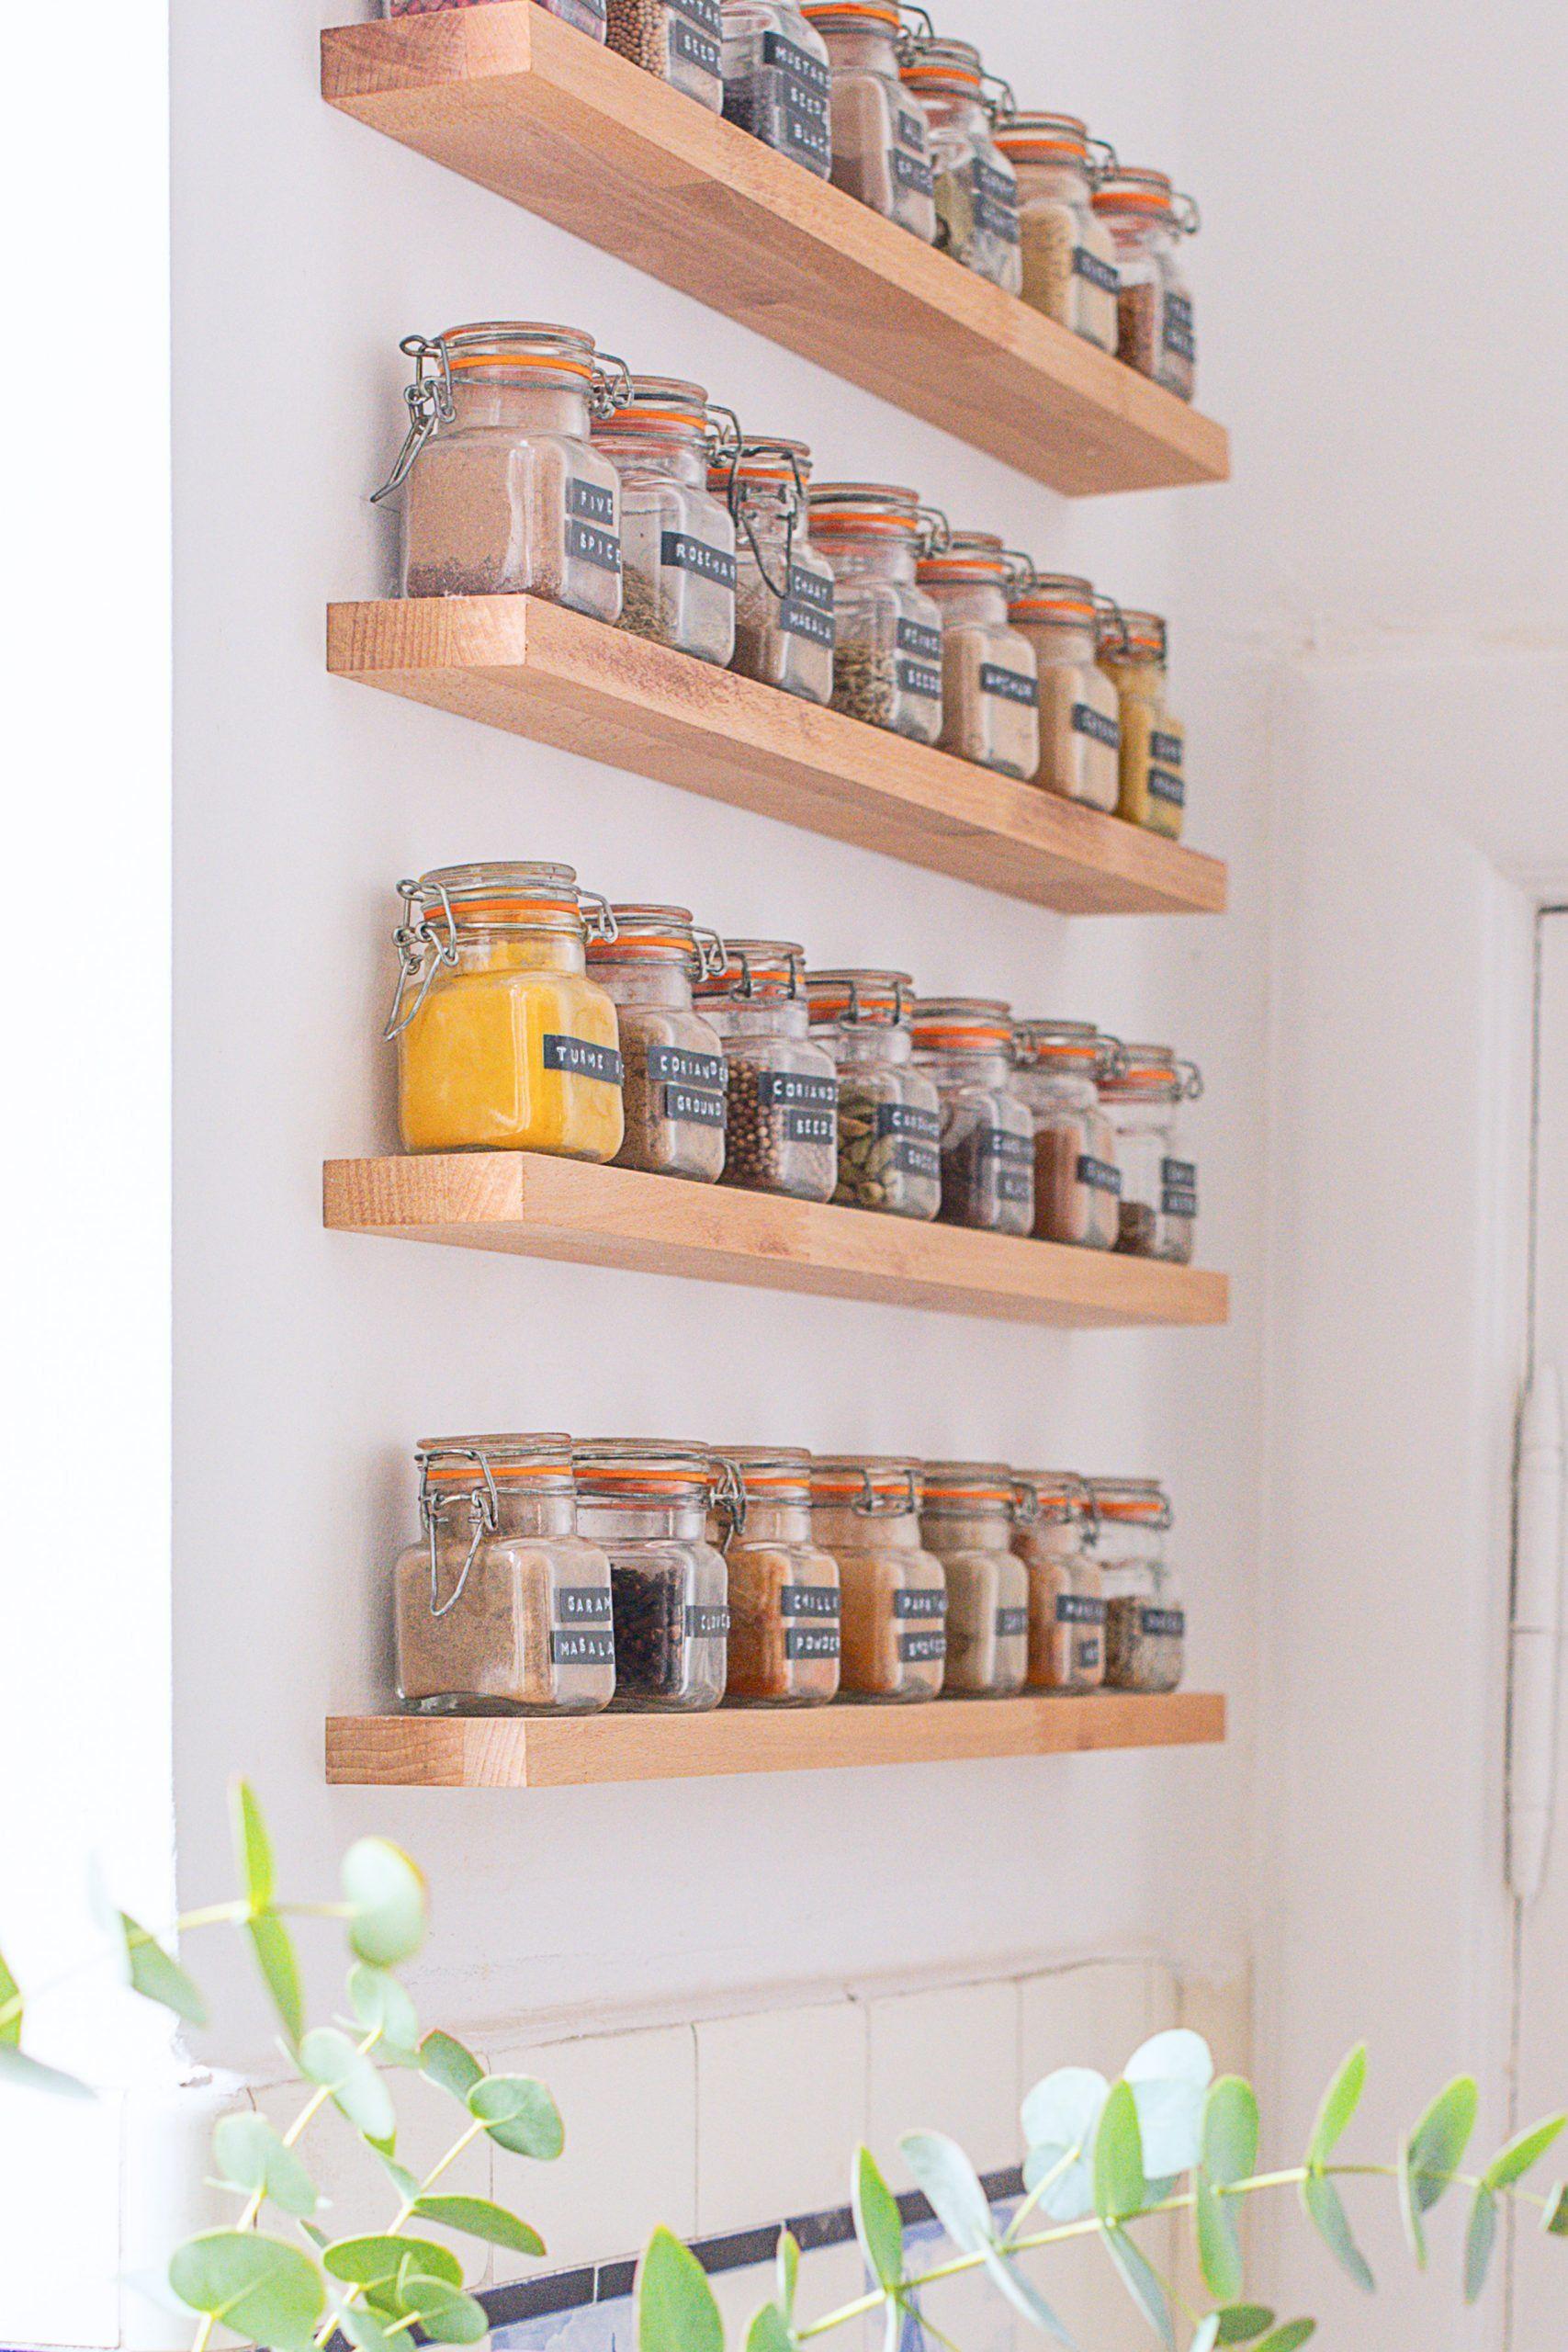 DIY Floating Spice Rack